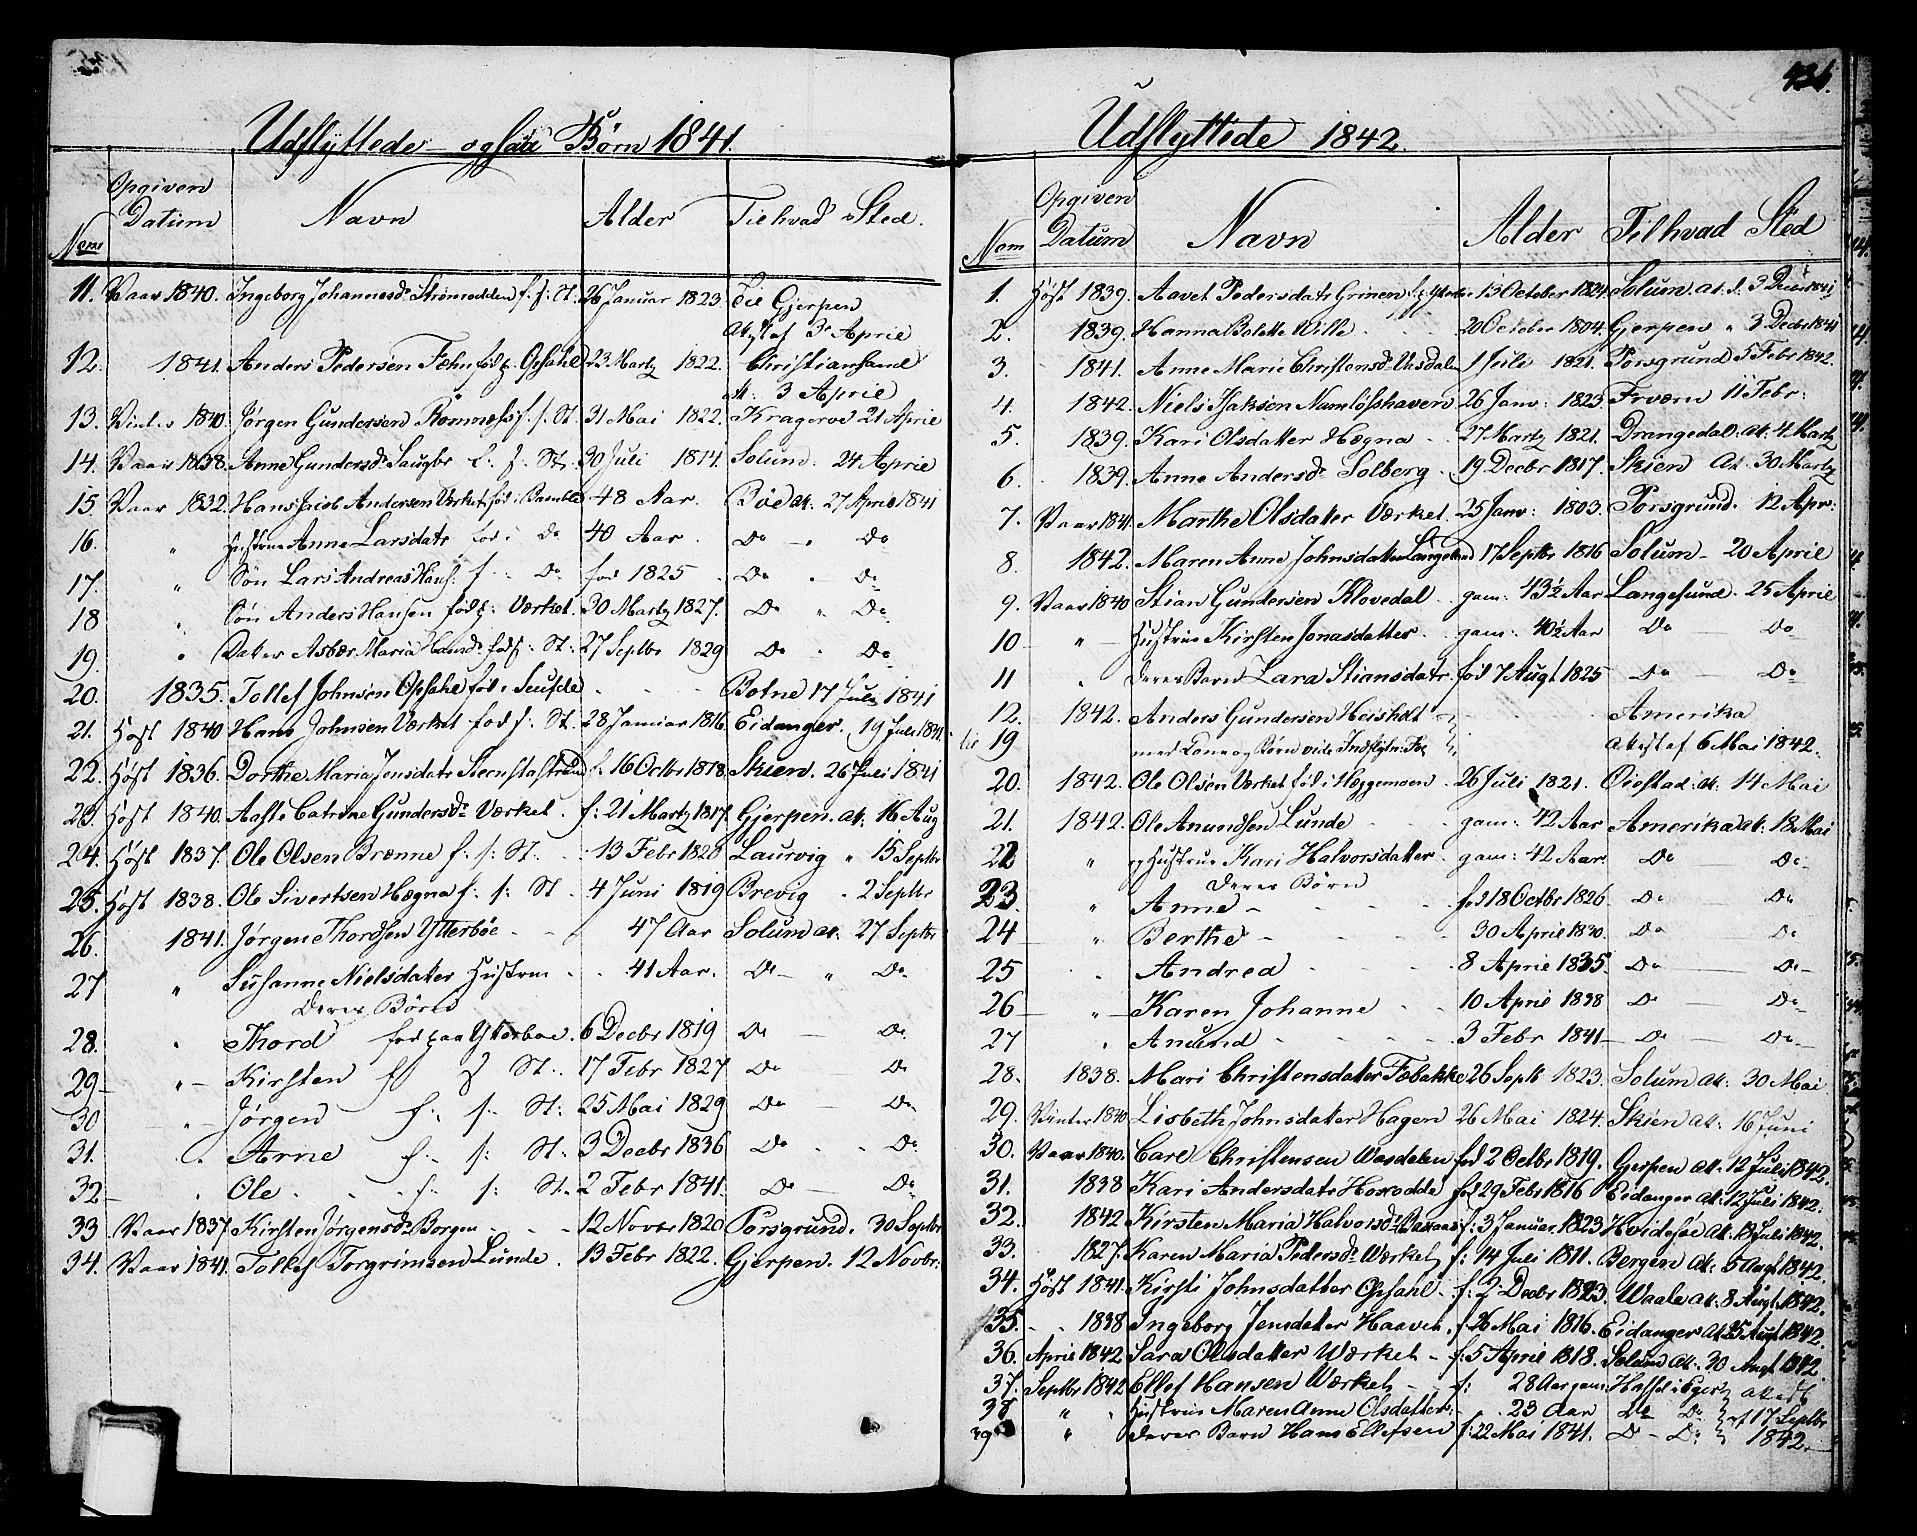 SAKO, Holla kirkebøker, G/Ga/L0002: Klokkerbok nr. I 2, 1830-1848, s. 436